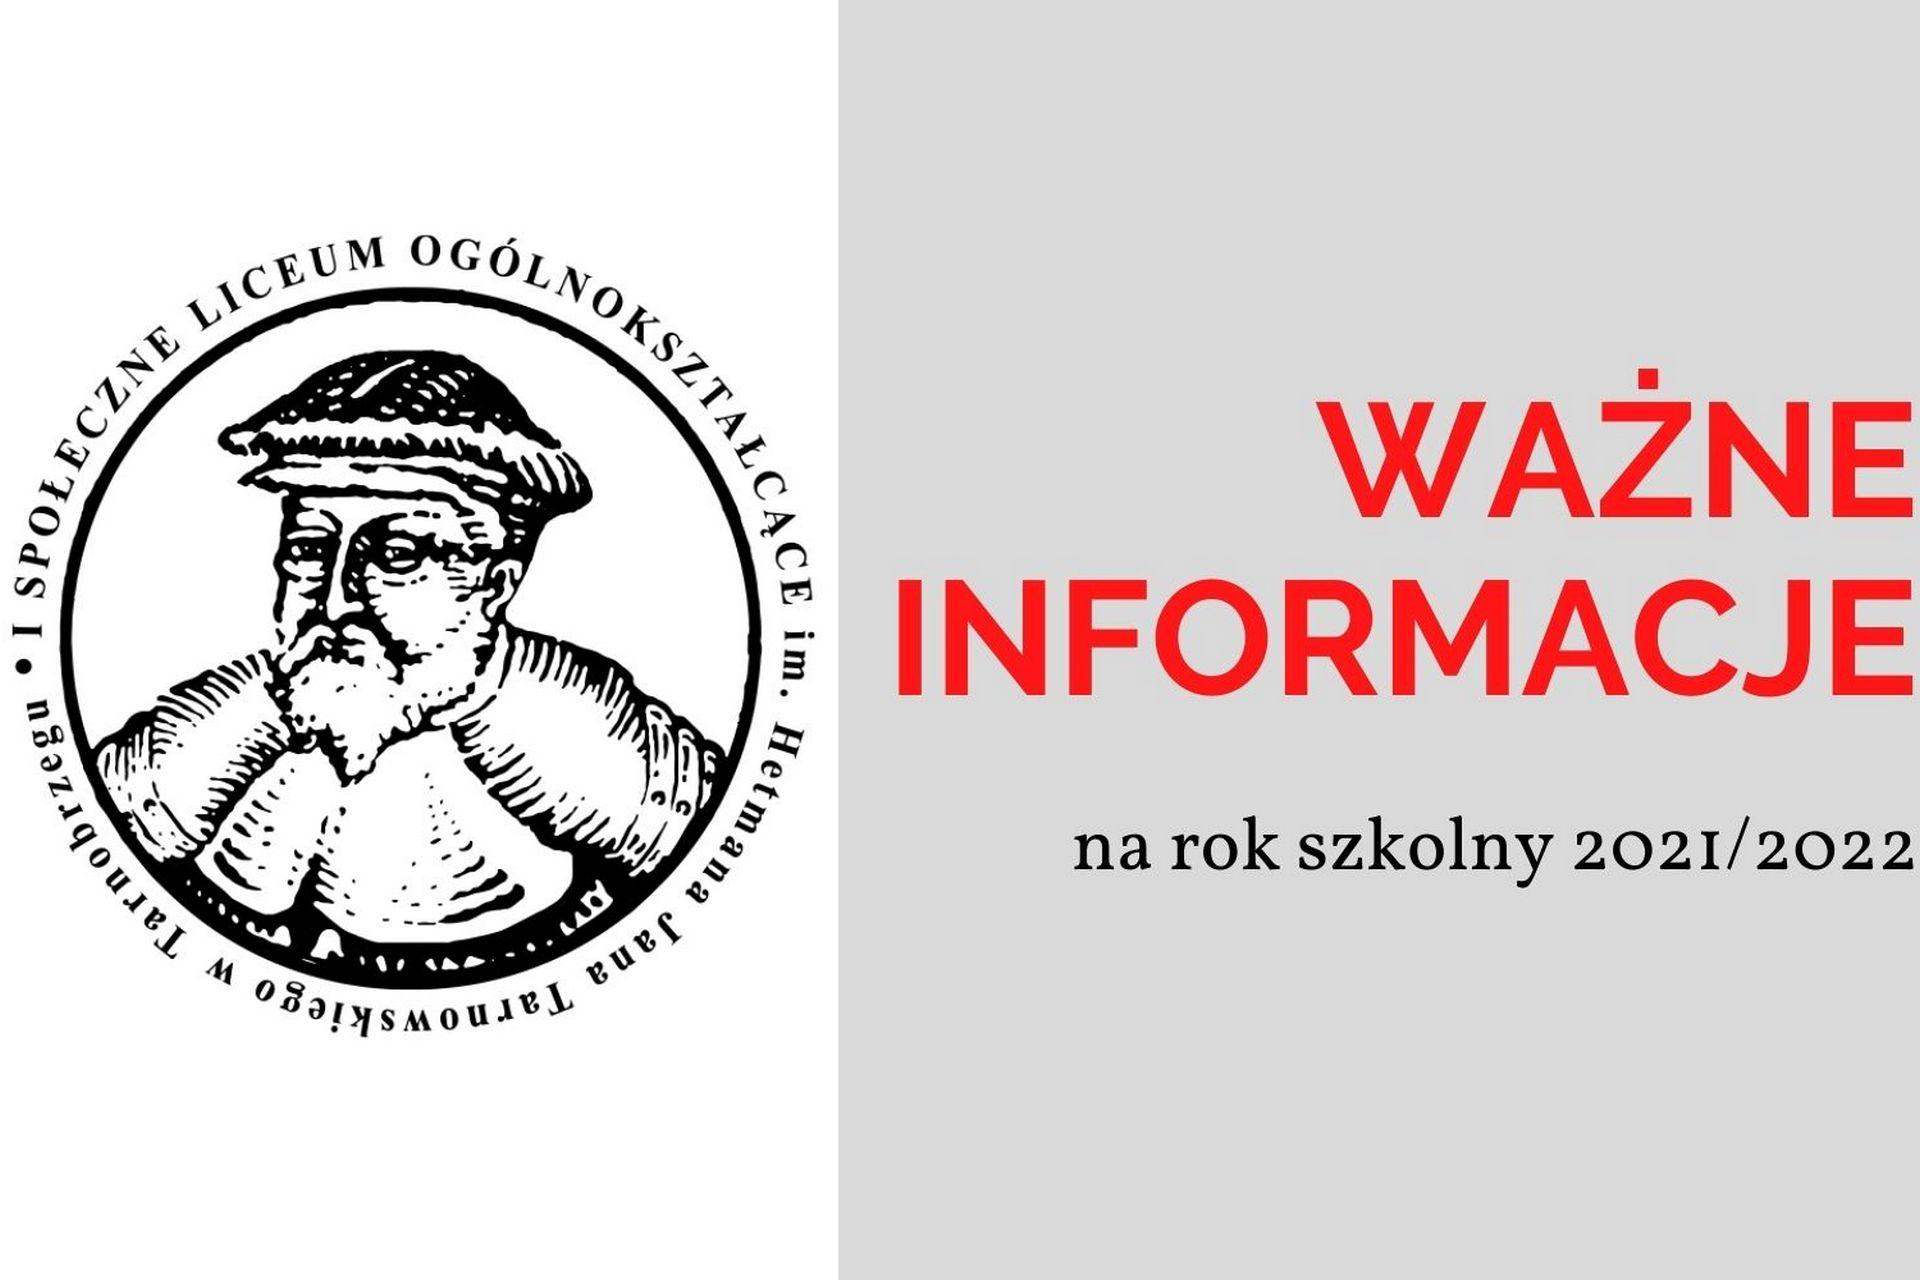 Informacje na przyszłość